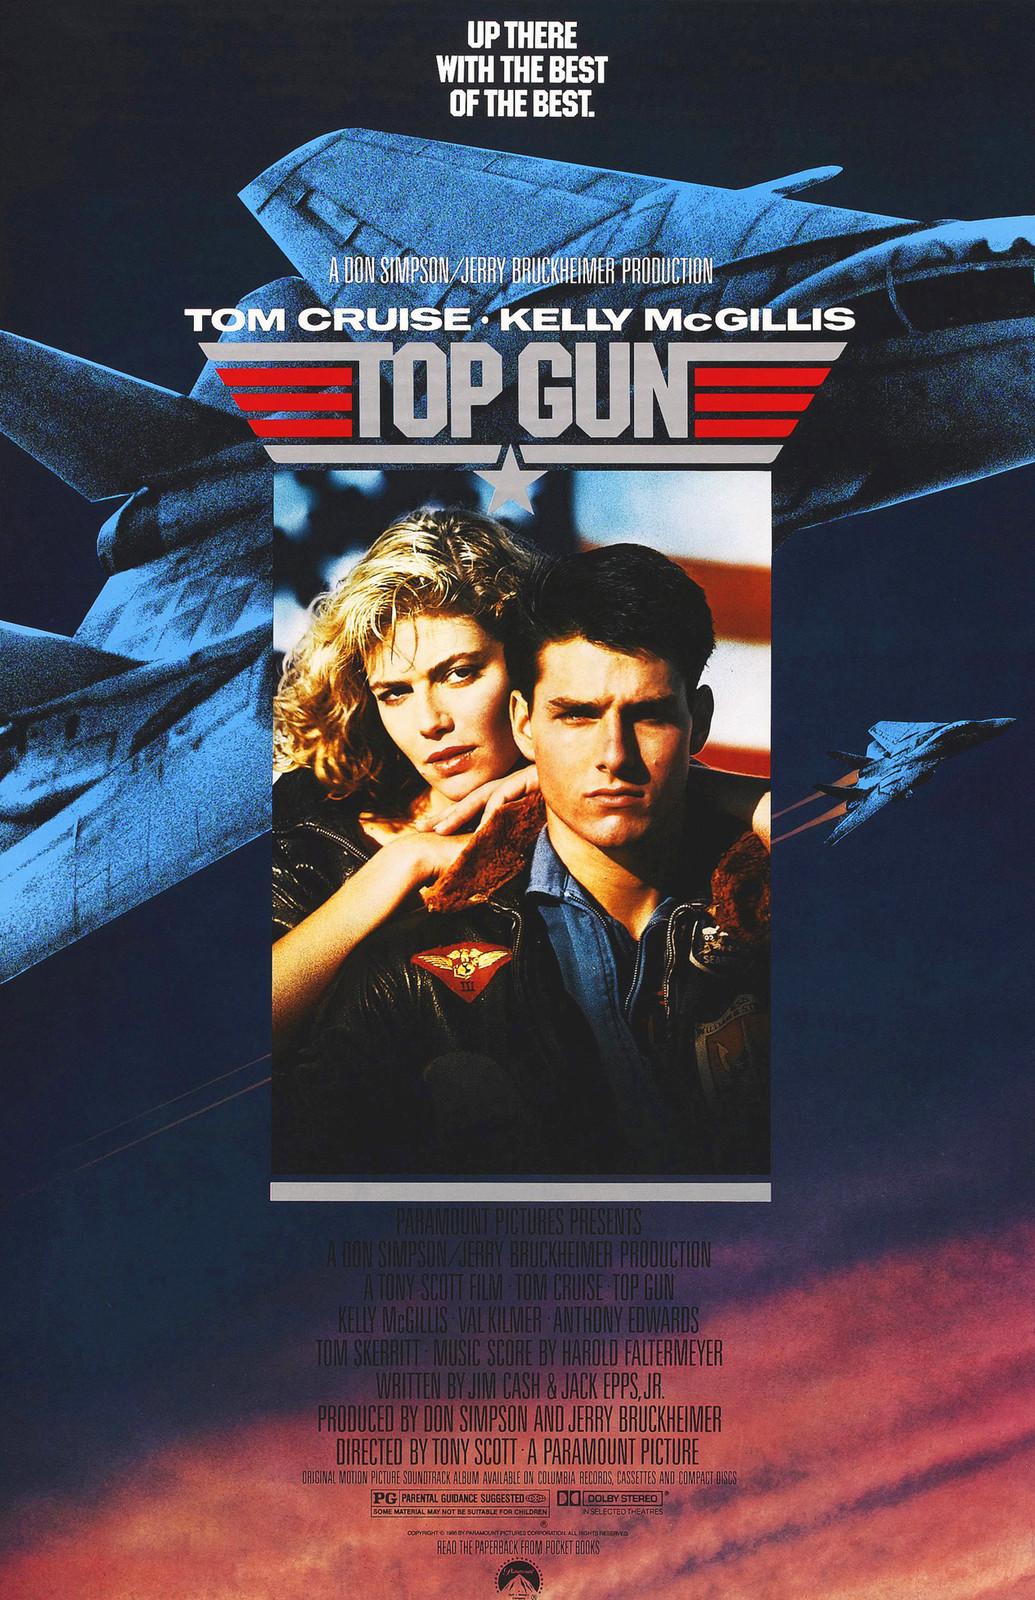 ดูหนัง Top Gun (1986) ท็อปกัน ฟ้าเหนือฟ้า ดูหนังออนไลน์ฟรี ดูหนังฟรี ดูหนังใหม่ชนโรง หนังใหม่ล่าสุด หนังแอคชั่น หนังผจญภัย หนังแอนนิเมชั่น หนัง HD ได้ที่ movie24x.com